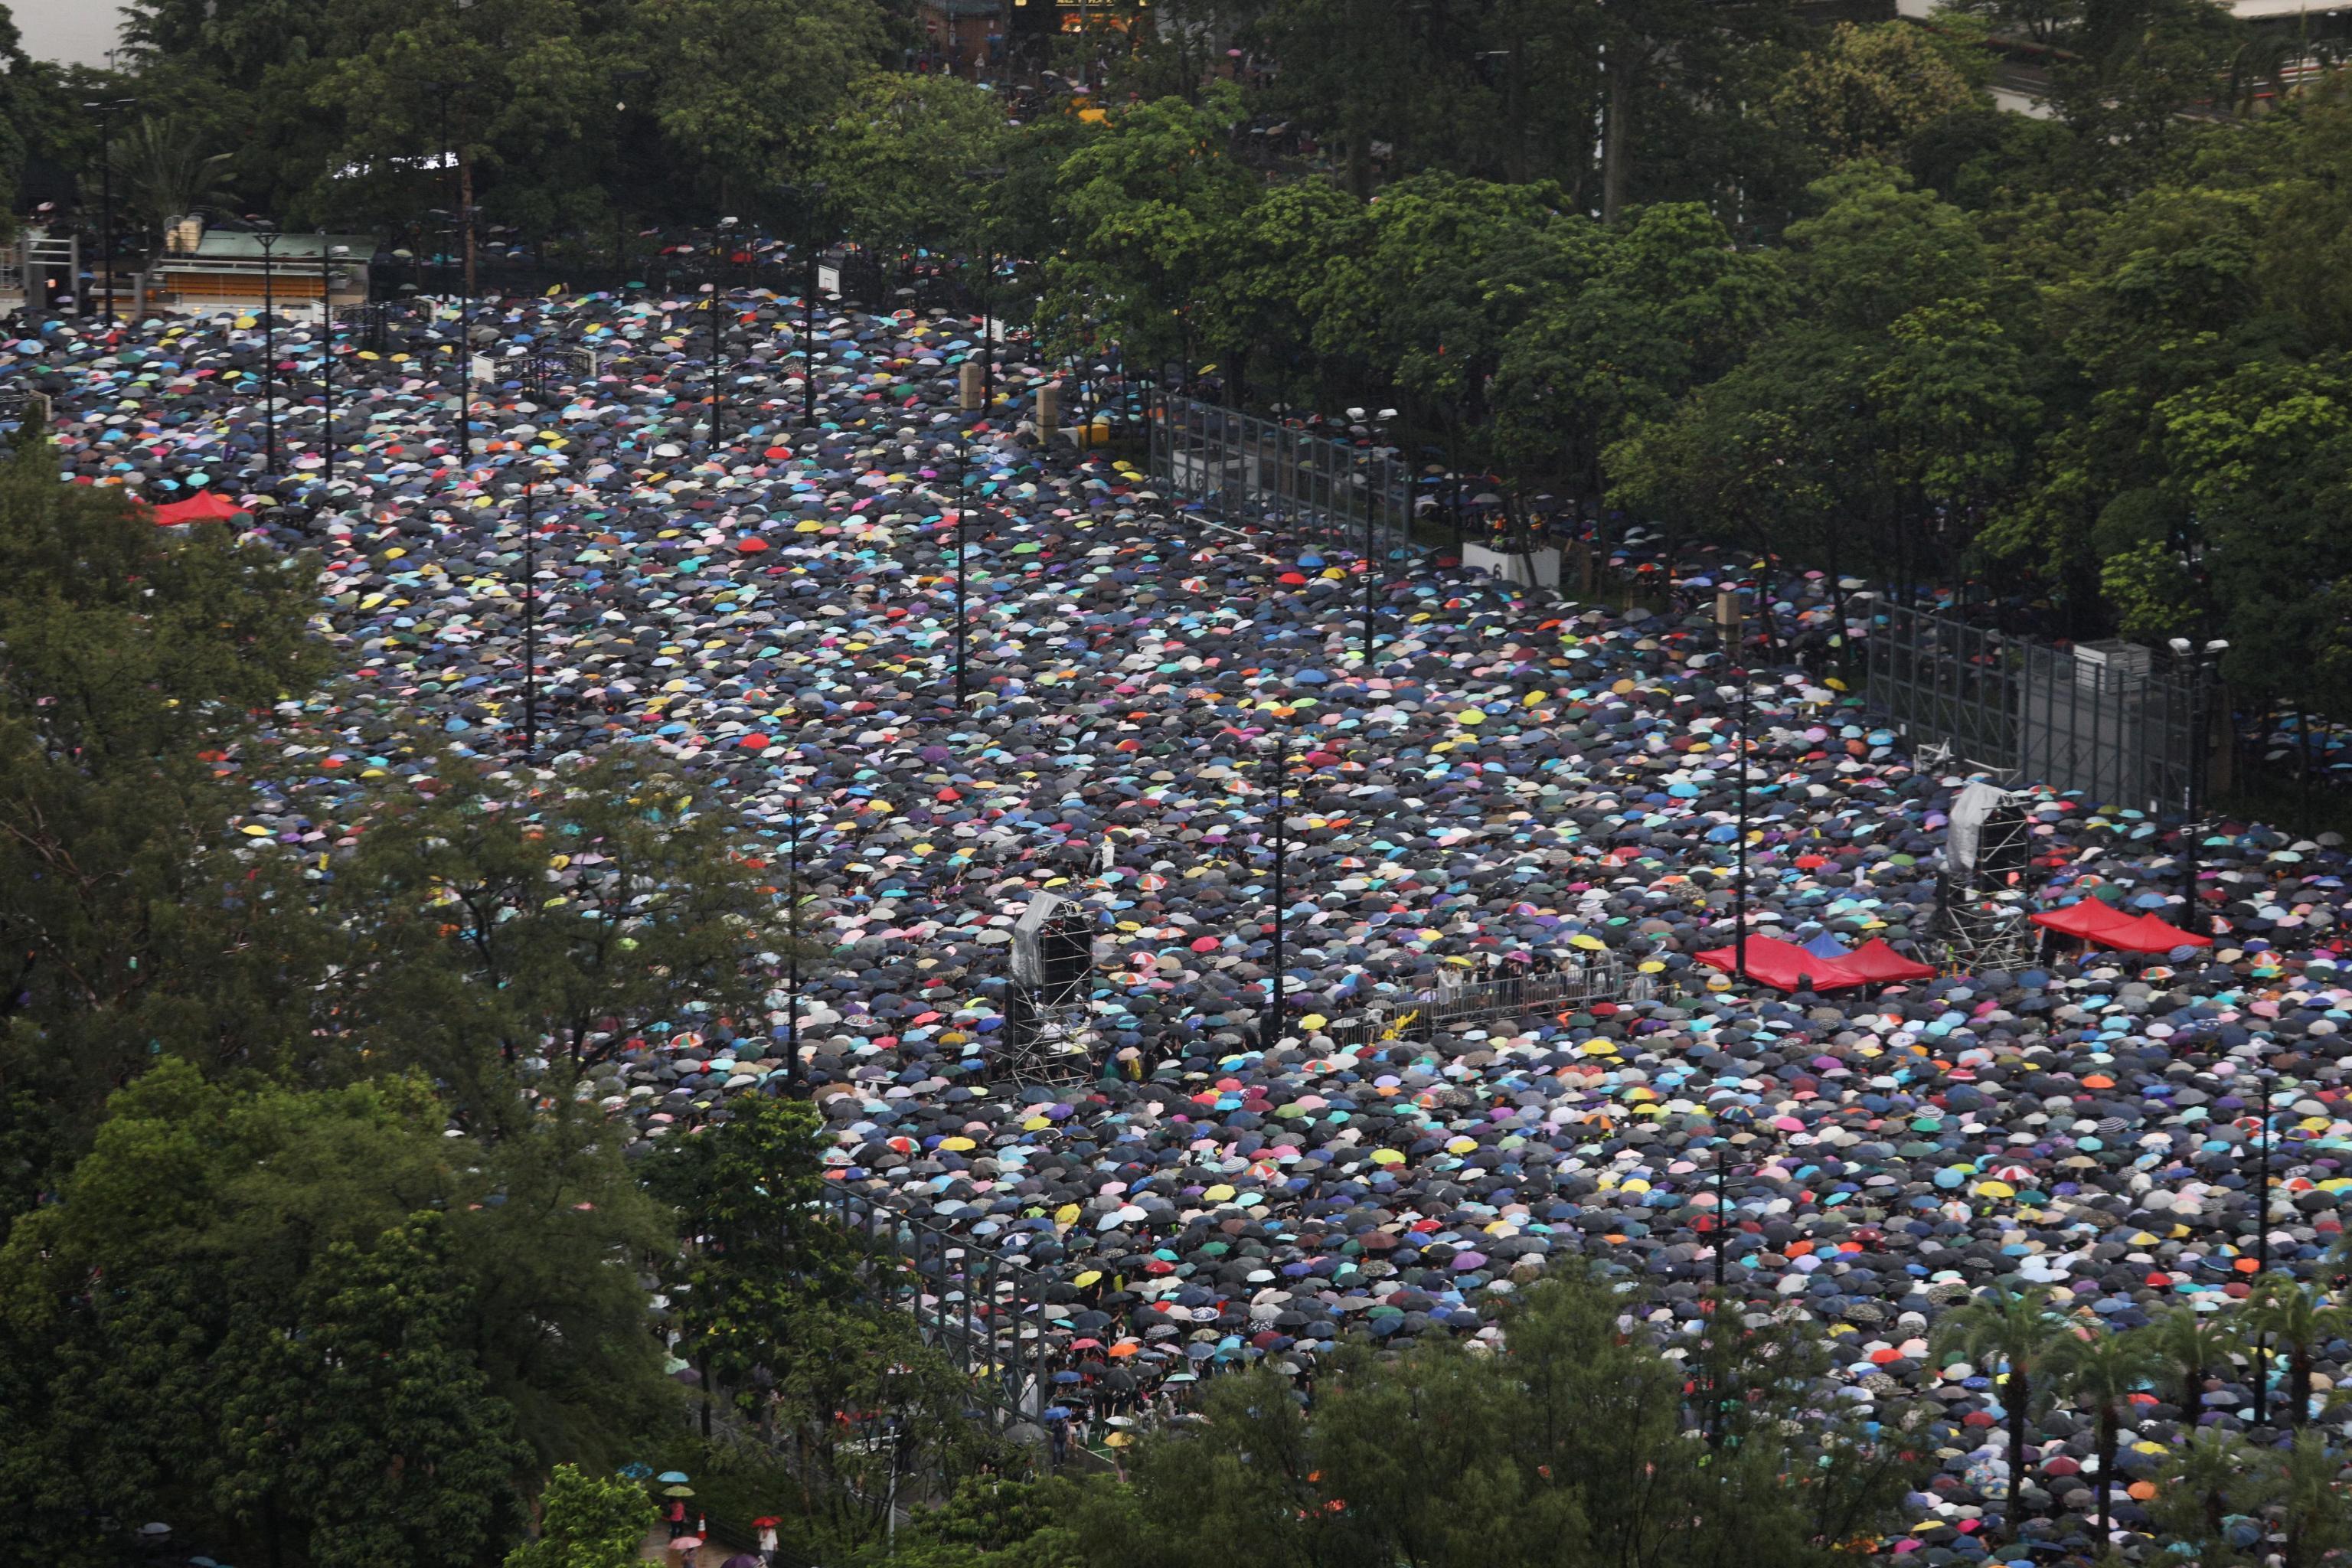 Hong Kong, nuove proteste: in migliaia scendono in piazza